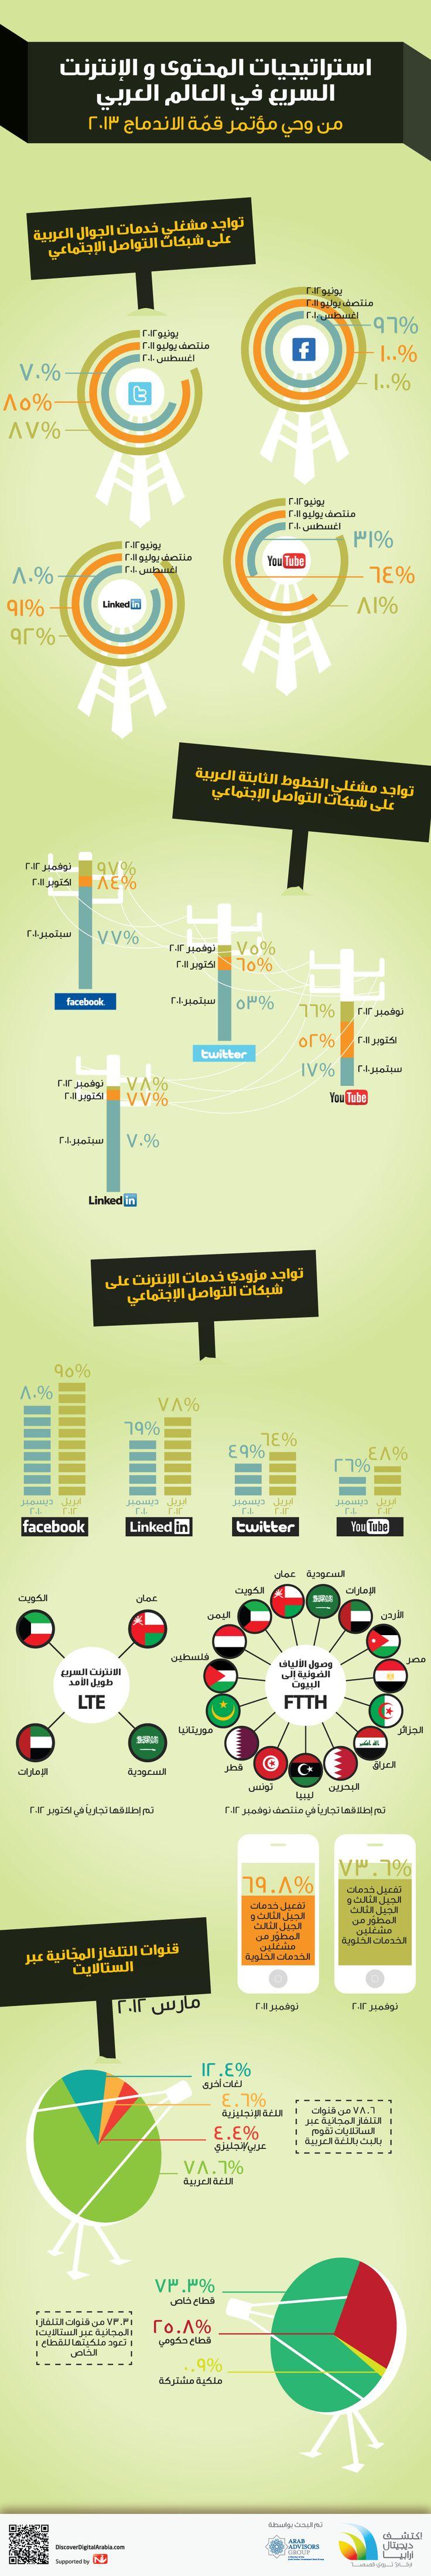 استراتيجيات المحتوى و الإنترنت السريع في العالم العربي من وحي مؤتمر قمّة الاندماج ٢٠١٣